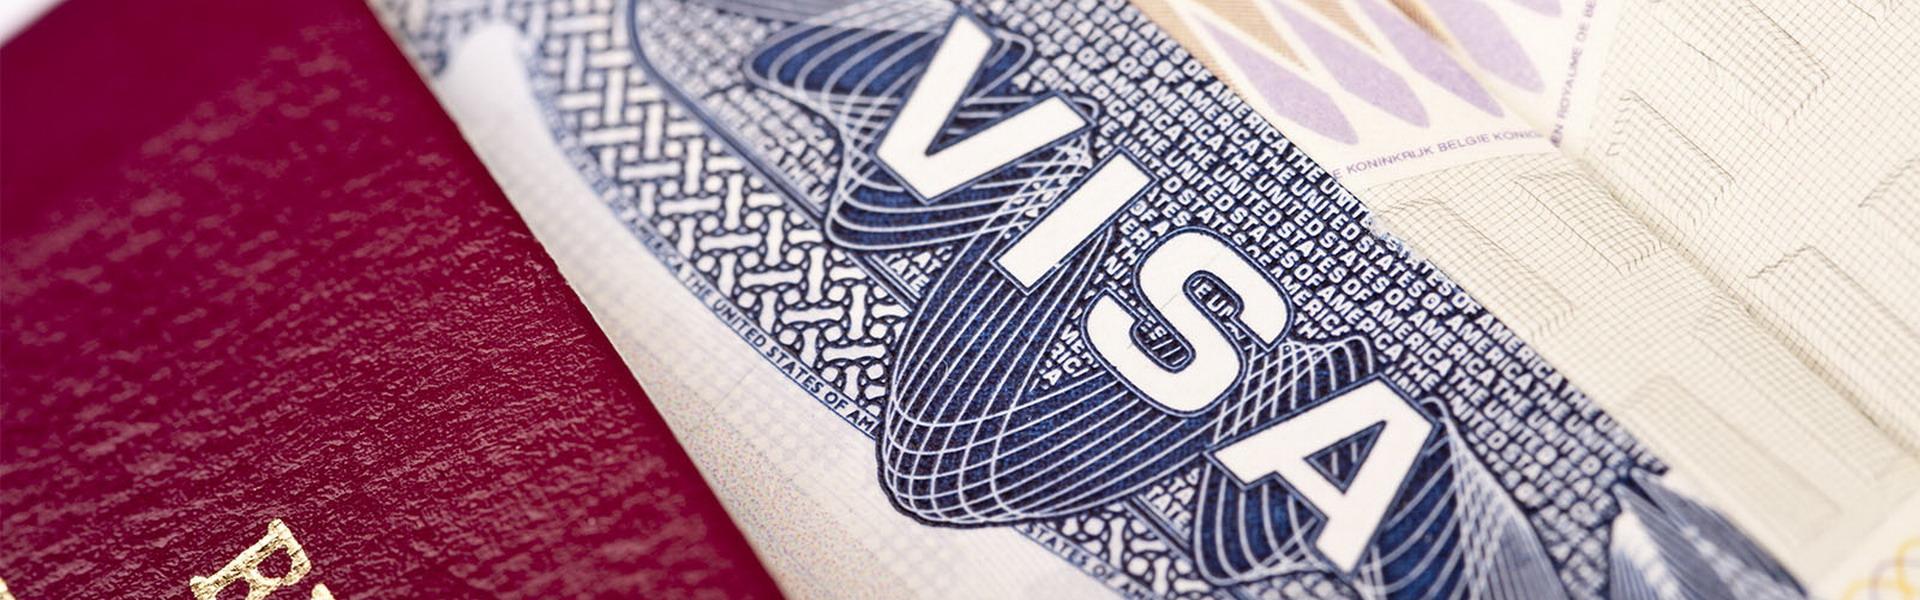 Golden Visa   Visado de Inversores